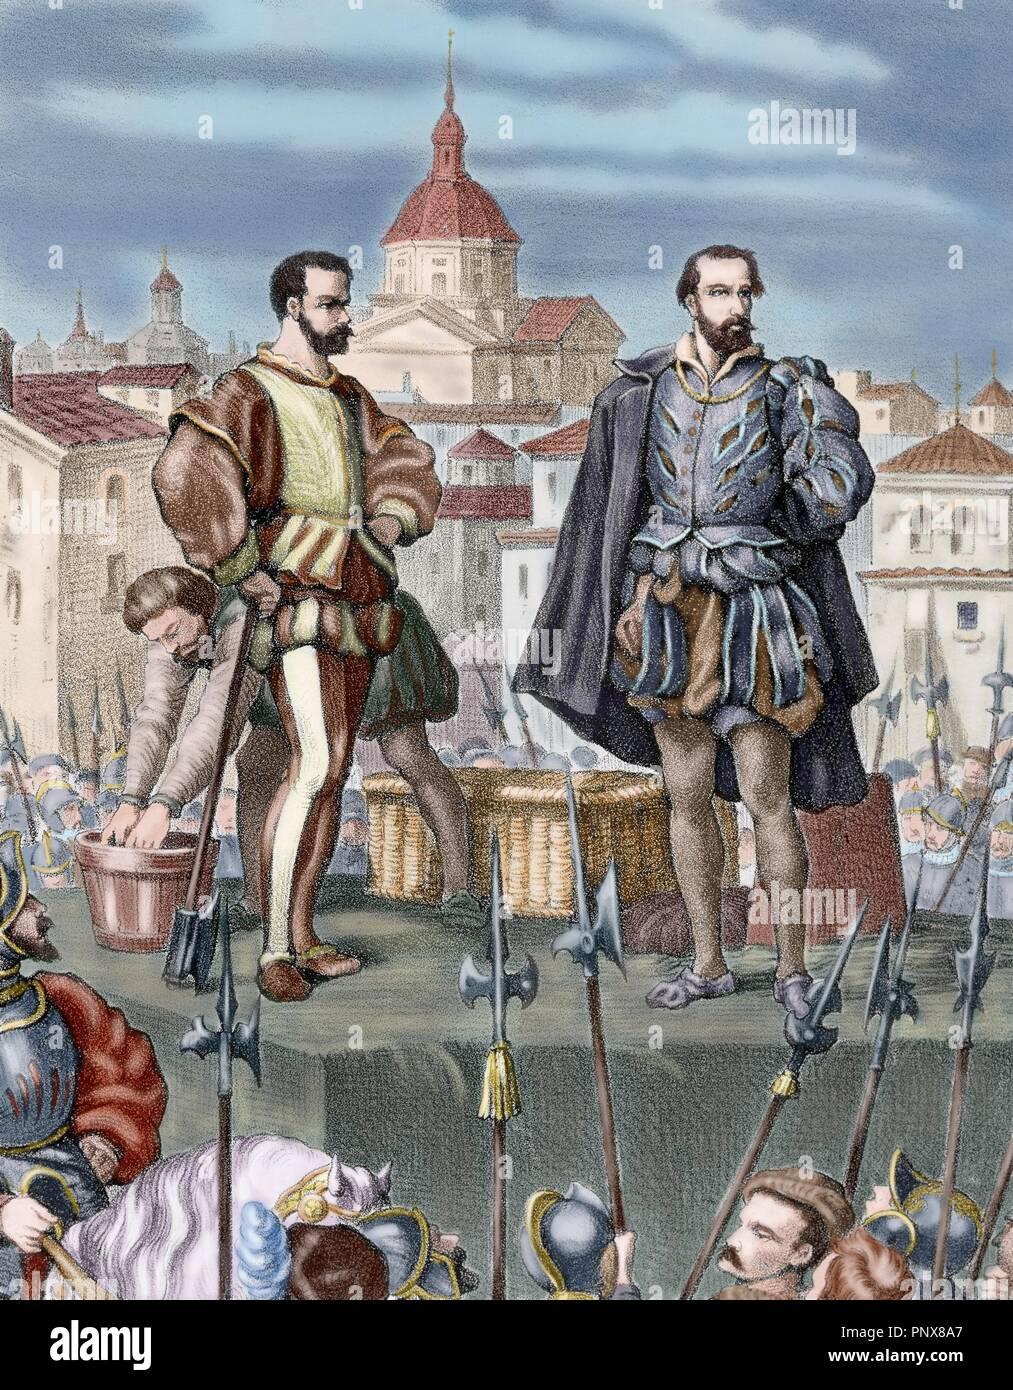 REINADO DE FELIPE II-ARAGON. Tras la revuelta de Zaragoza de 1591, Felipe II intervino y modificó la constitución política aragonesa y las Cortes. 'REPRESION DE LAS TROPAS CASTELLANAS: MUERTE DE DON JUAN DE LANUZA (1564-1591) POR DEFENDER A ANTONIO PEREZ'. Apresado junto al conde de Aranda y el duque de Villahermosa, fue decapitado el 20 de diciembre de 1591. Grabado coloreado. - Stock Image